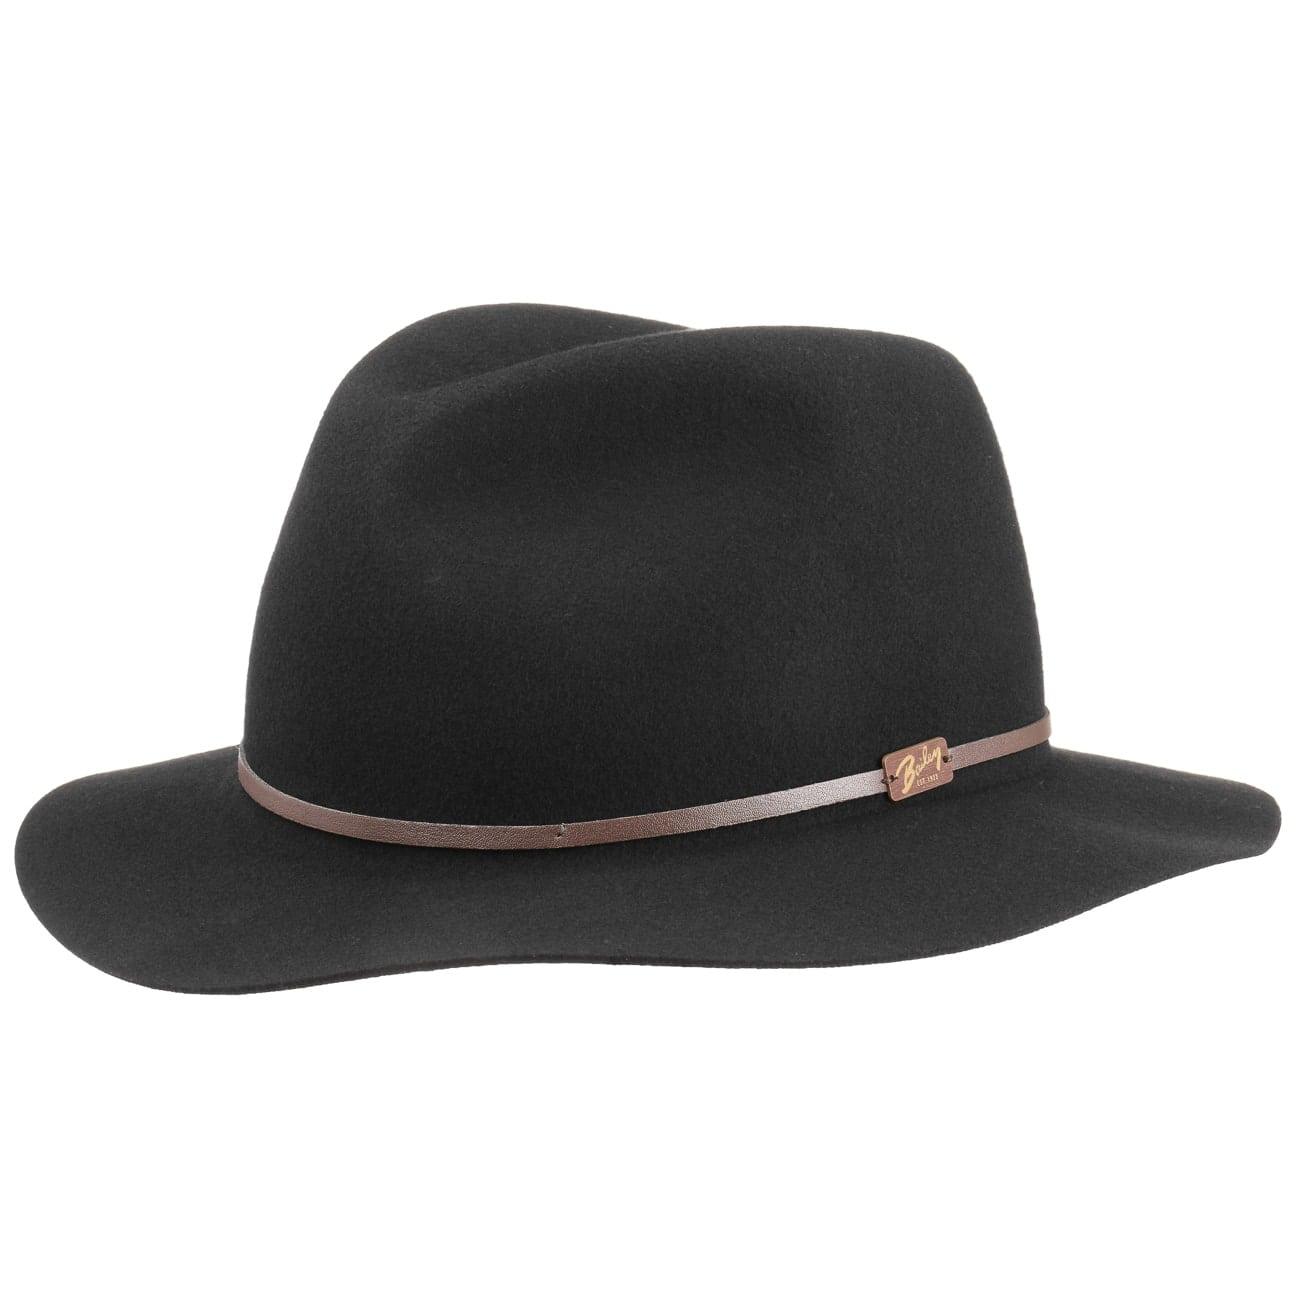 Sombrero Jackman by Bailey of Hollywood  sombrero de hombre